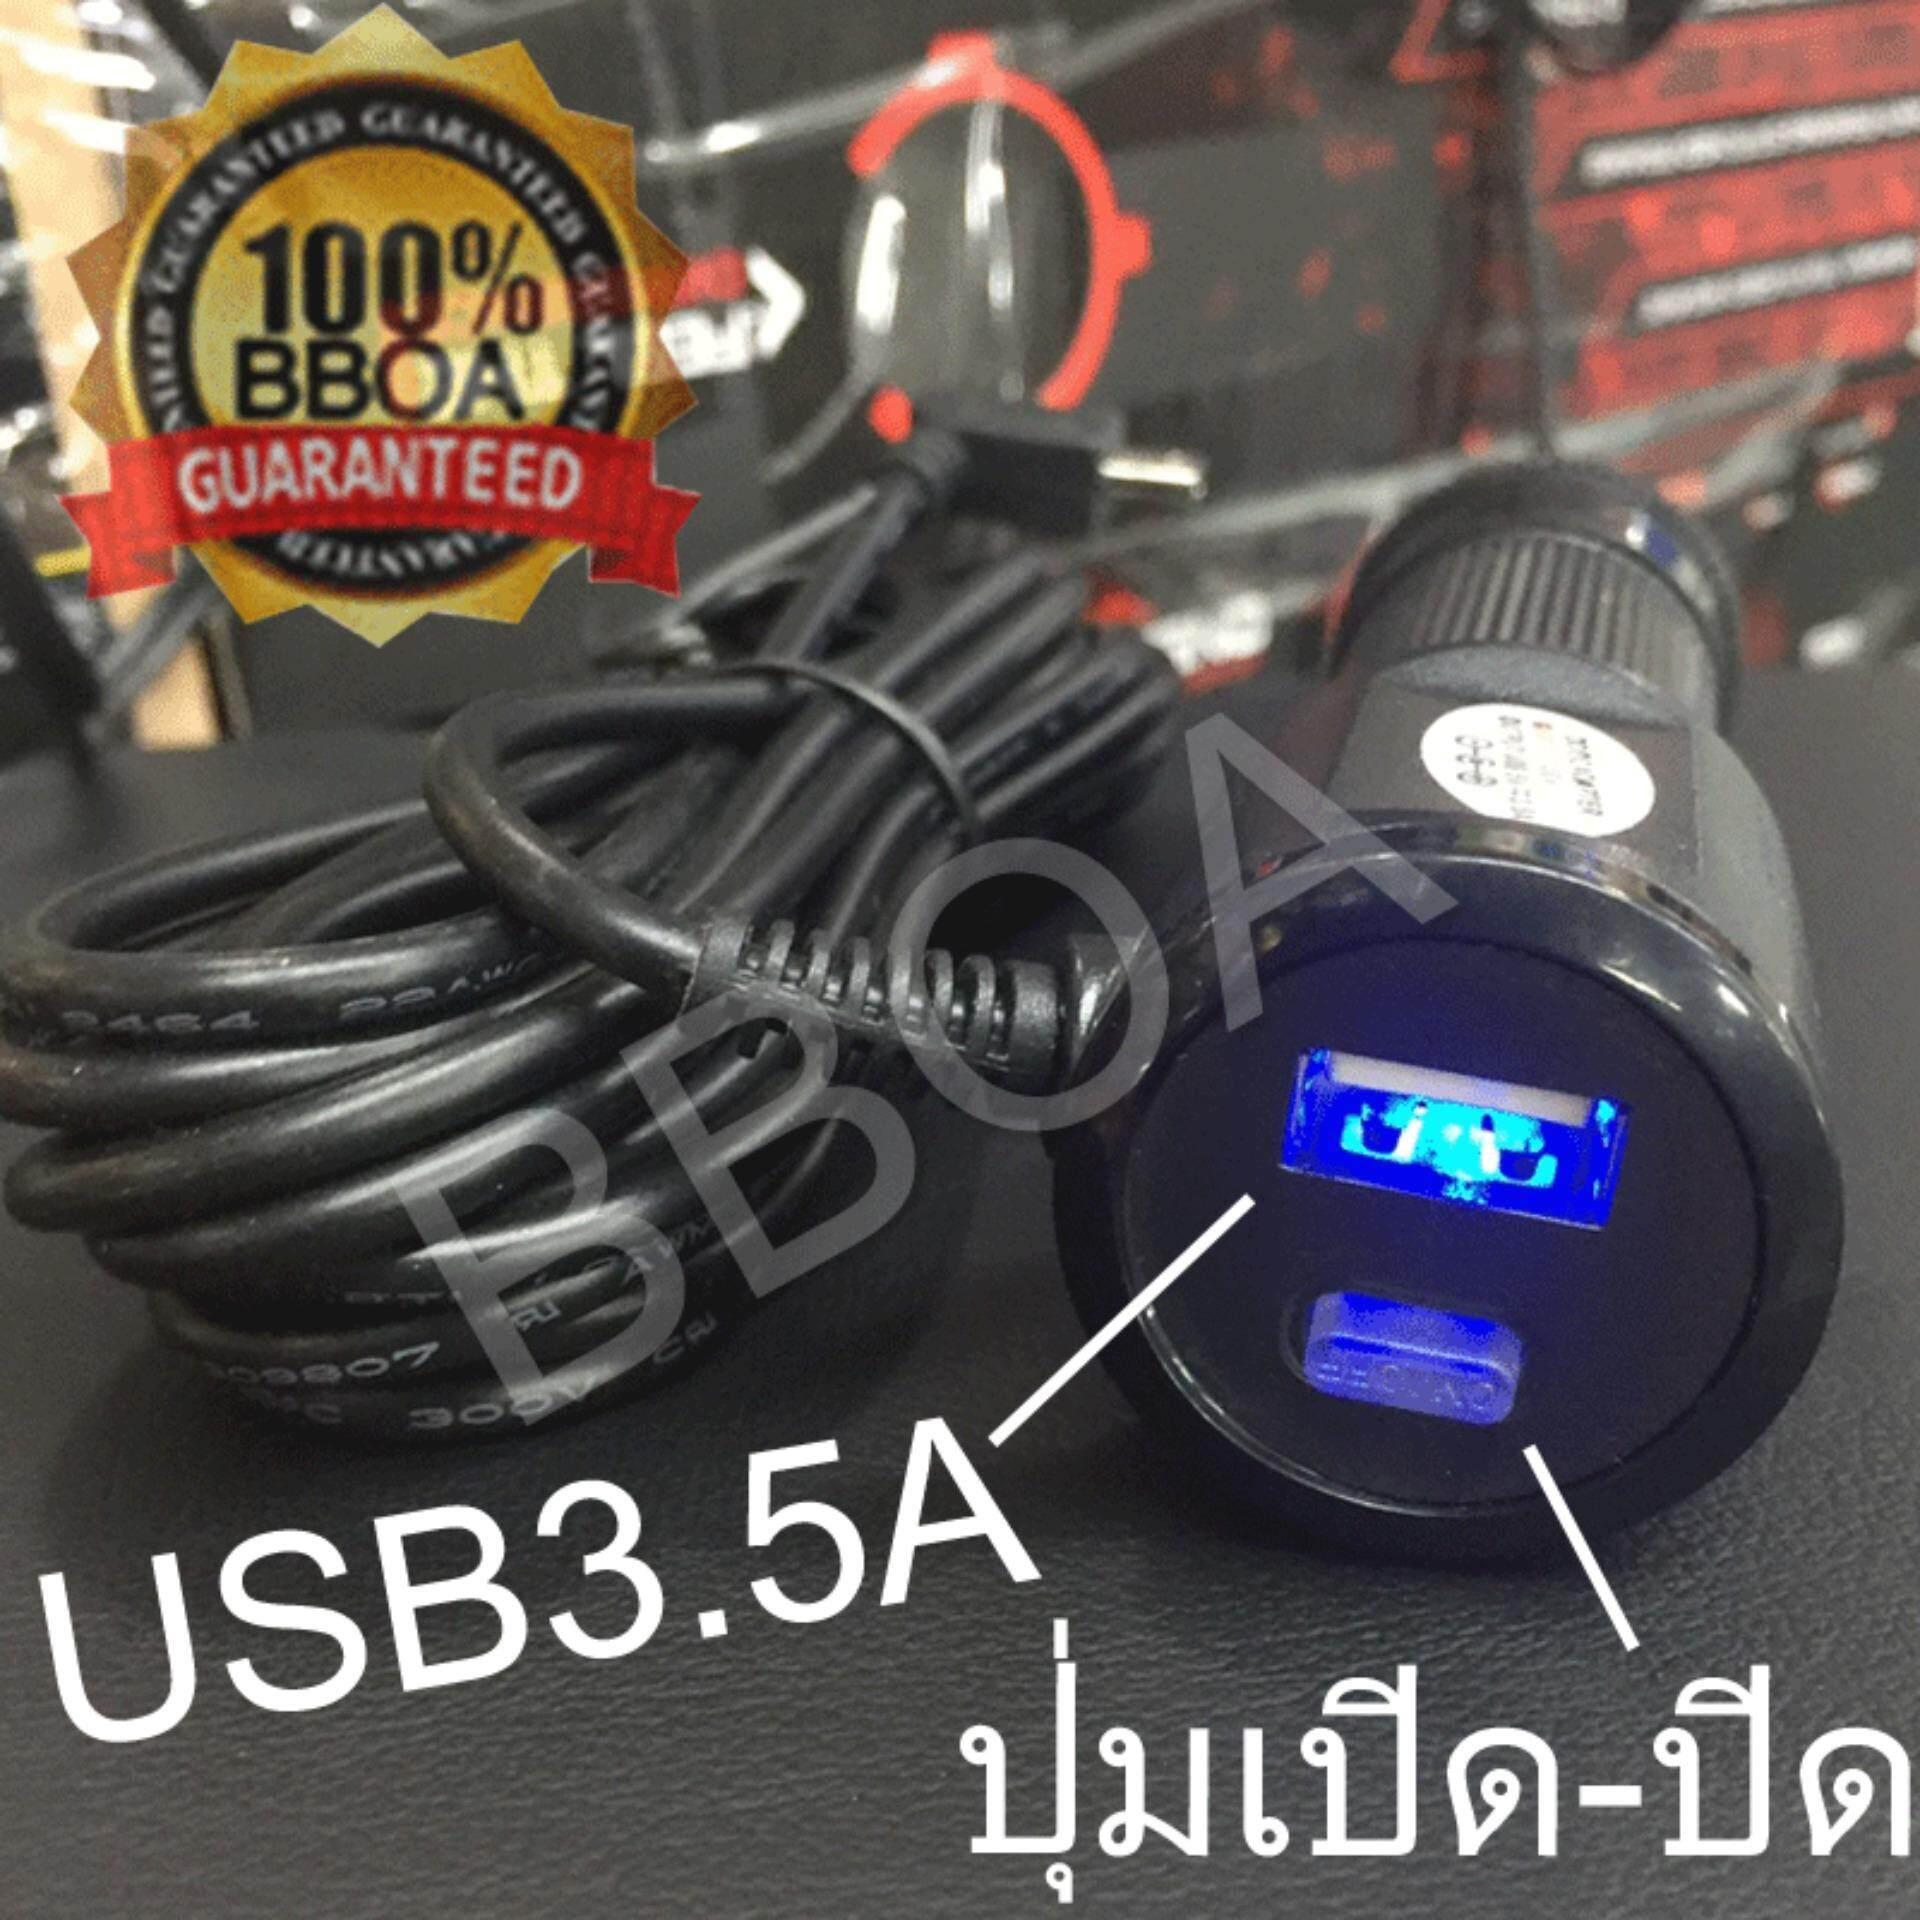 สายชาร์จกล้องติดรถยนต์ และ GPS ยาว 3.5 เมตร มี USB3.5a ขอบสีดำมีสวิทช์ เปิด-ปิด